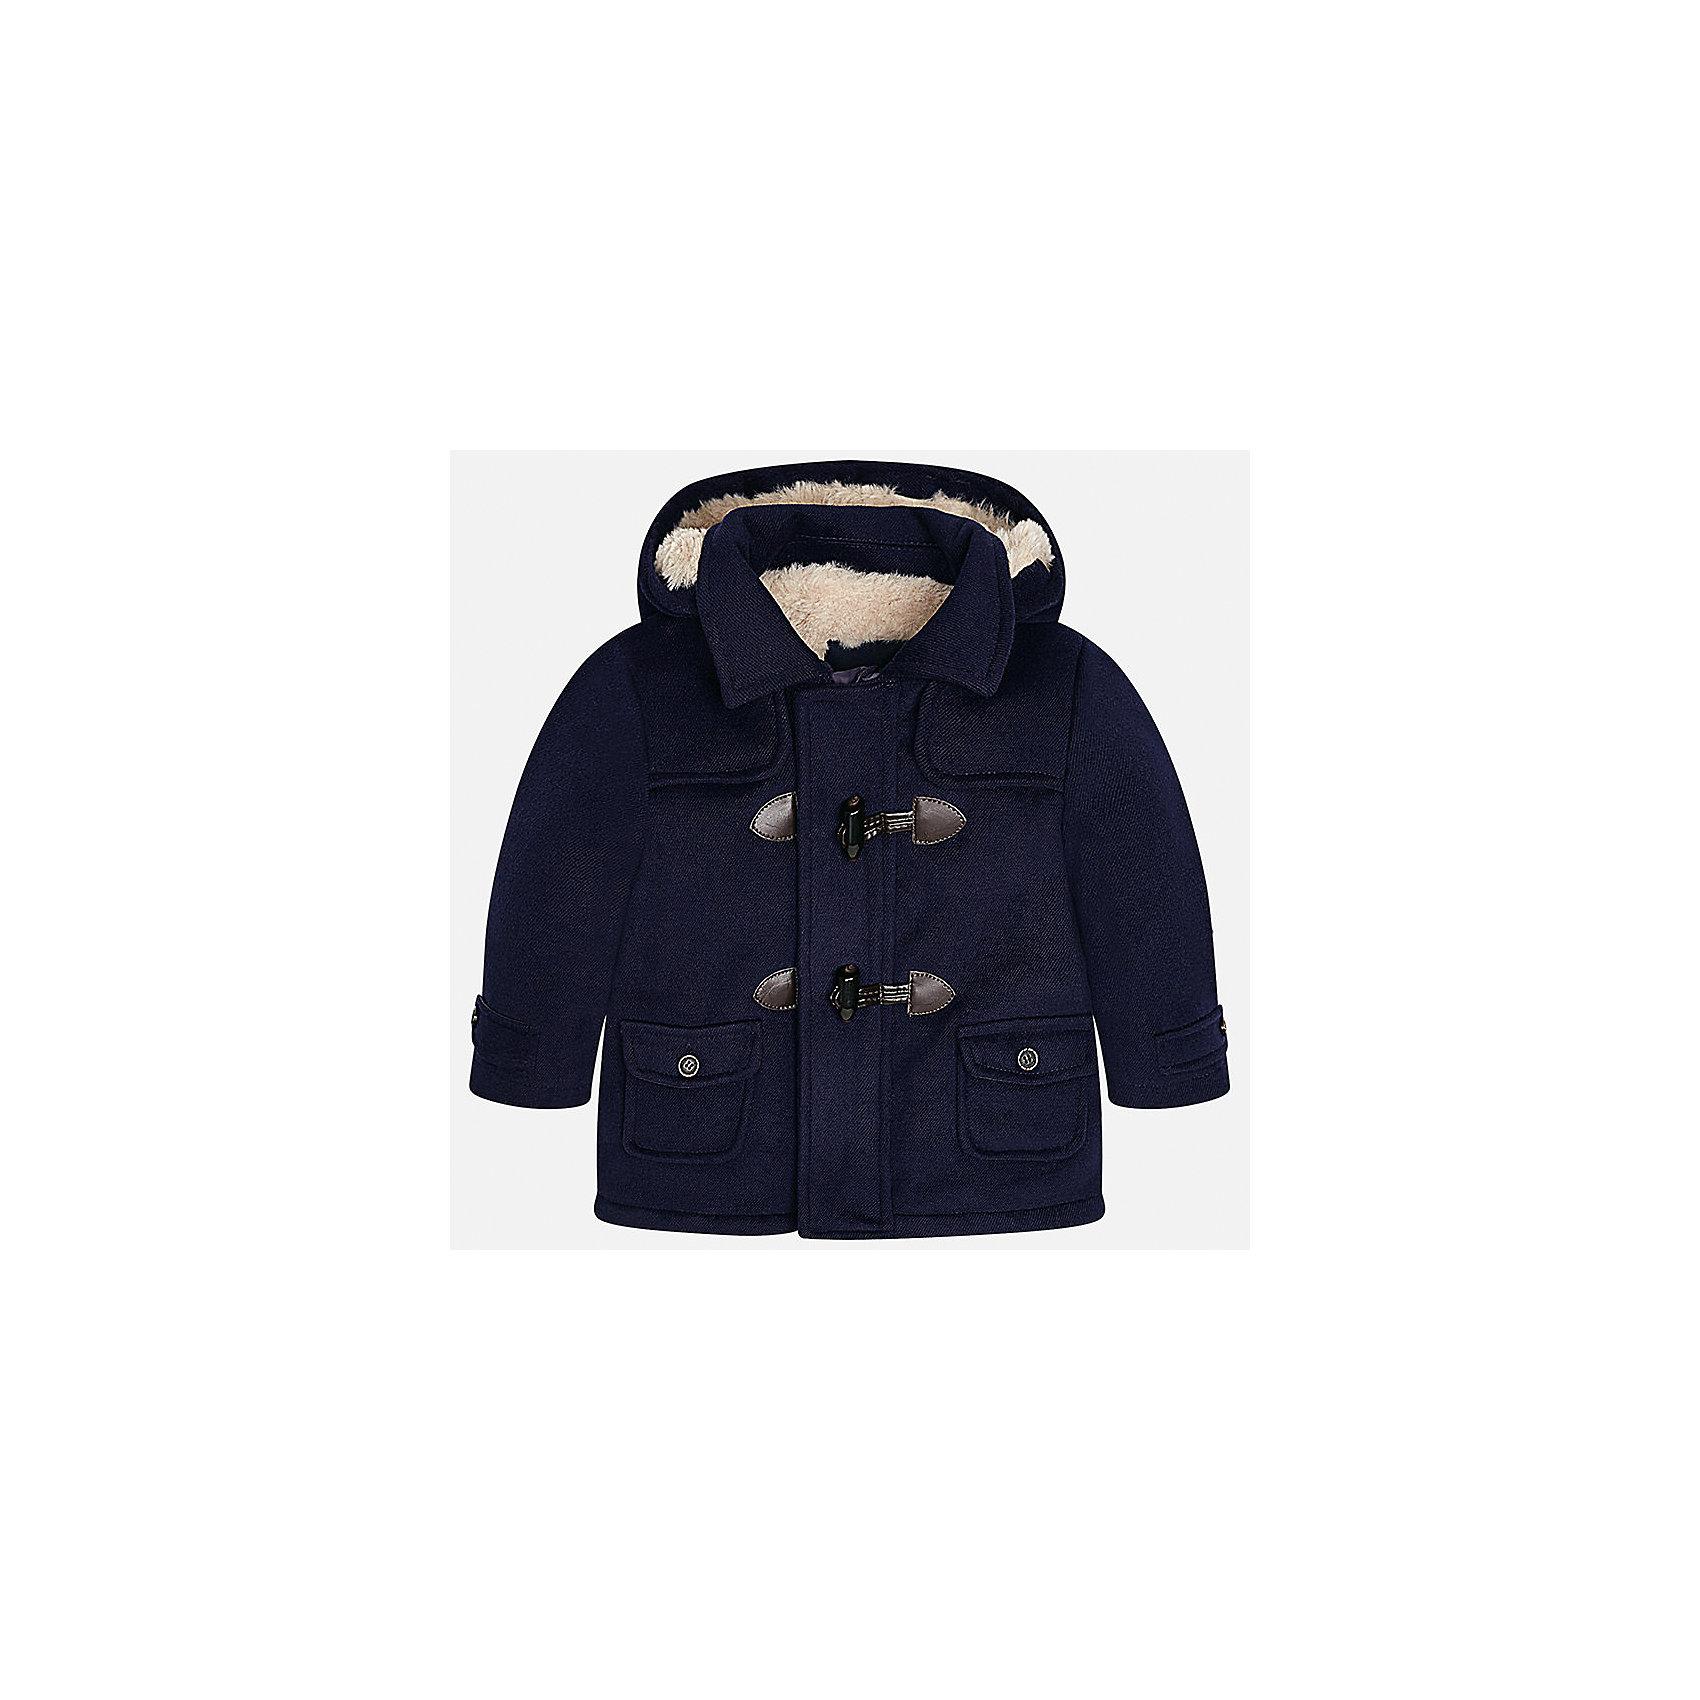 Куртка для мальчика MayoralВерхняя одежда<br>Характеристики товара:<br><br>• цвет: синий<br>• состав ткани: 94% полиэстер, 4% вискоза, 2% эластан<br>• подкладка: 100% полиэстер<br>• утеплитель: 100% полиэстер<br>• сезон: демисезон<br>• температурный режим: от -10 до +10<br>• особенности куртки: с капюшоном<br>• капюшон: несъемный<br>• застежка: молния, пуговицы<br>• страна бренда: Испания<br>• страна изготовитель: Индия<br><br>Эта демисезонная куртка для мальчика от Майорал поможет обеспечить ребенку комфорт и тепло. Детская куртка с капюшоном отличается модным и продуманным дизайном. В куртке для мальчика от испанской компании Майорал ребенок будет выглядеть модно, а чувствовать себя - комфортно. <br><br>Куртку для мальчика Mayoral (Майорал) можно купить в нашем интернет-магазине.<br><br>Ширина мм: 356<br>Глубина мм: 10<br>Высота мм: 245<br>Вес г: 519<br>Цвет: синий<br>Возраст от месяцев: 24<br>Возраст до месяцев: 36<br>Пол: Мужской<br>Возраст: Детский<br>Размер: 98,80,86,92<br>SKU: 6935250